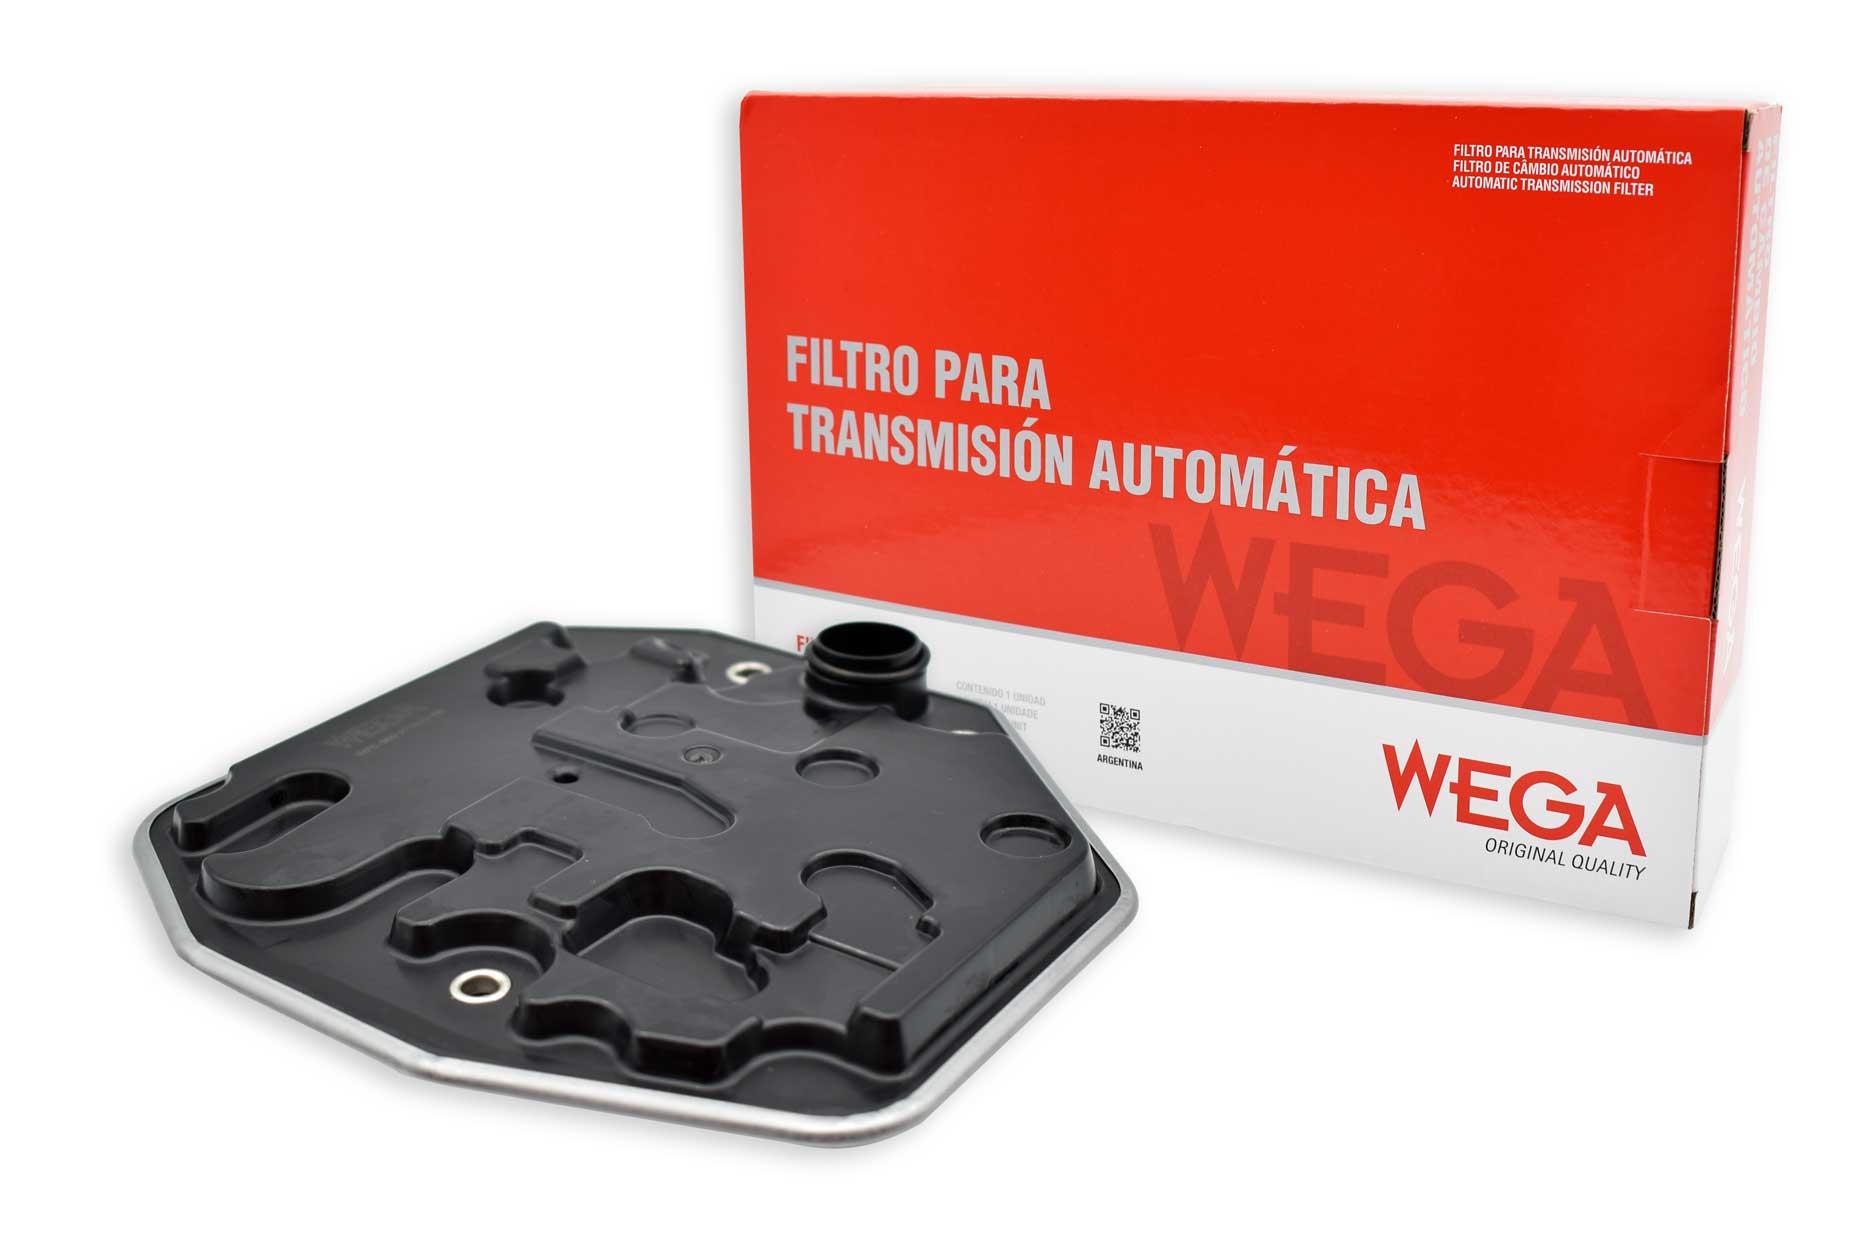 Código: WFC-960